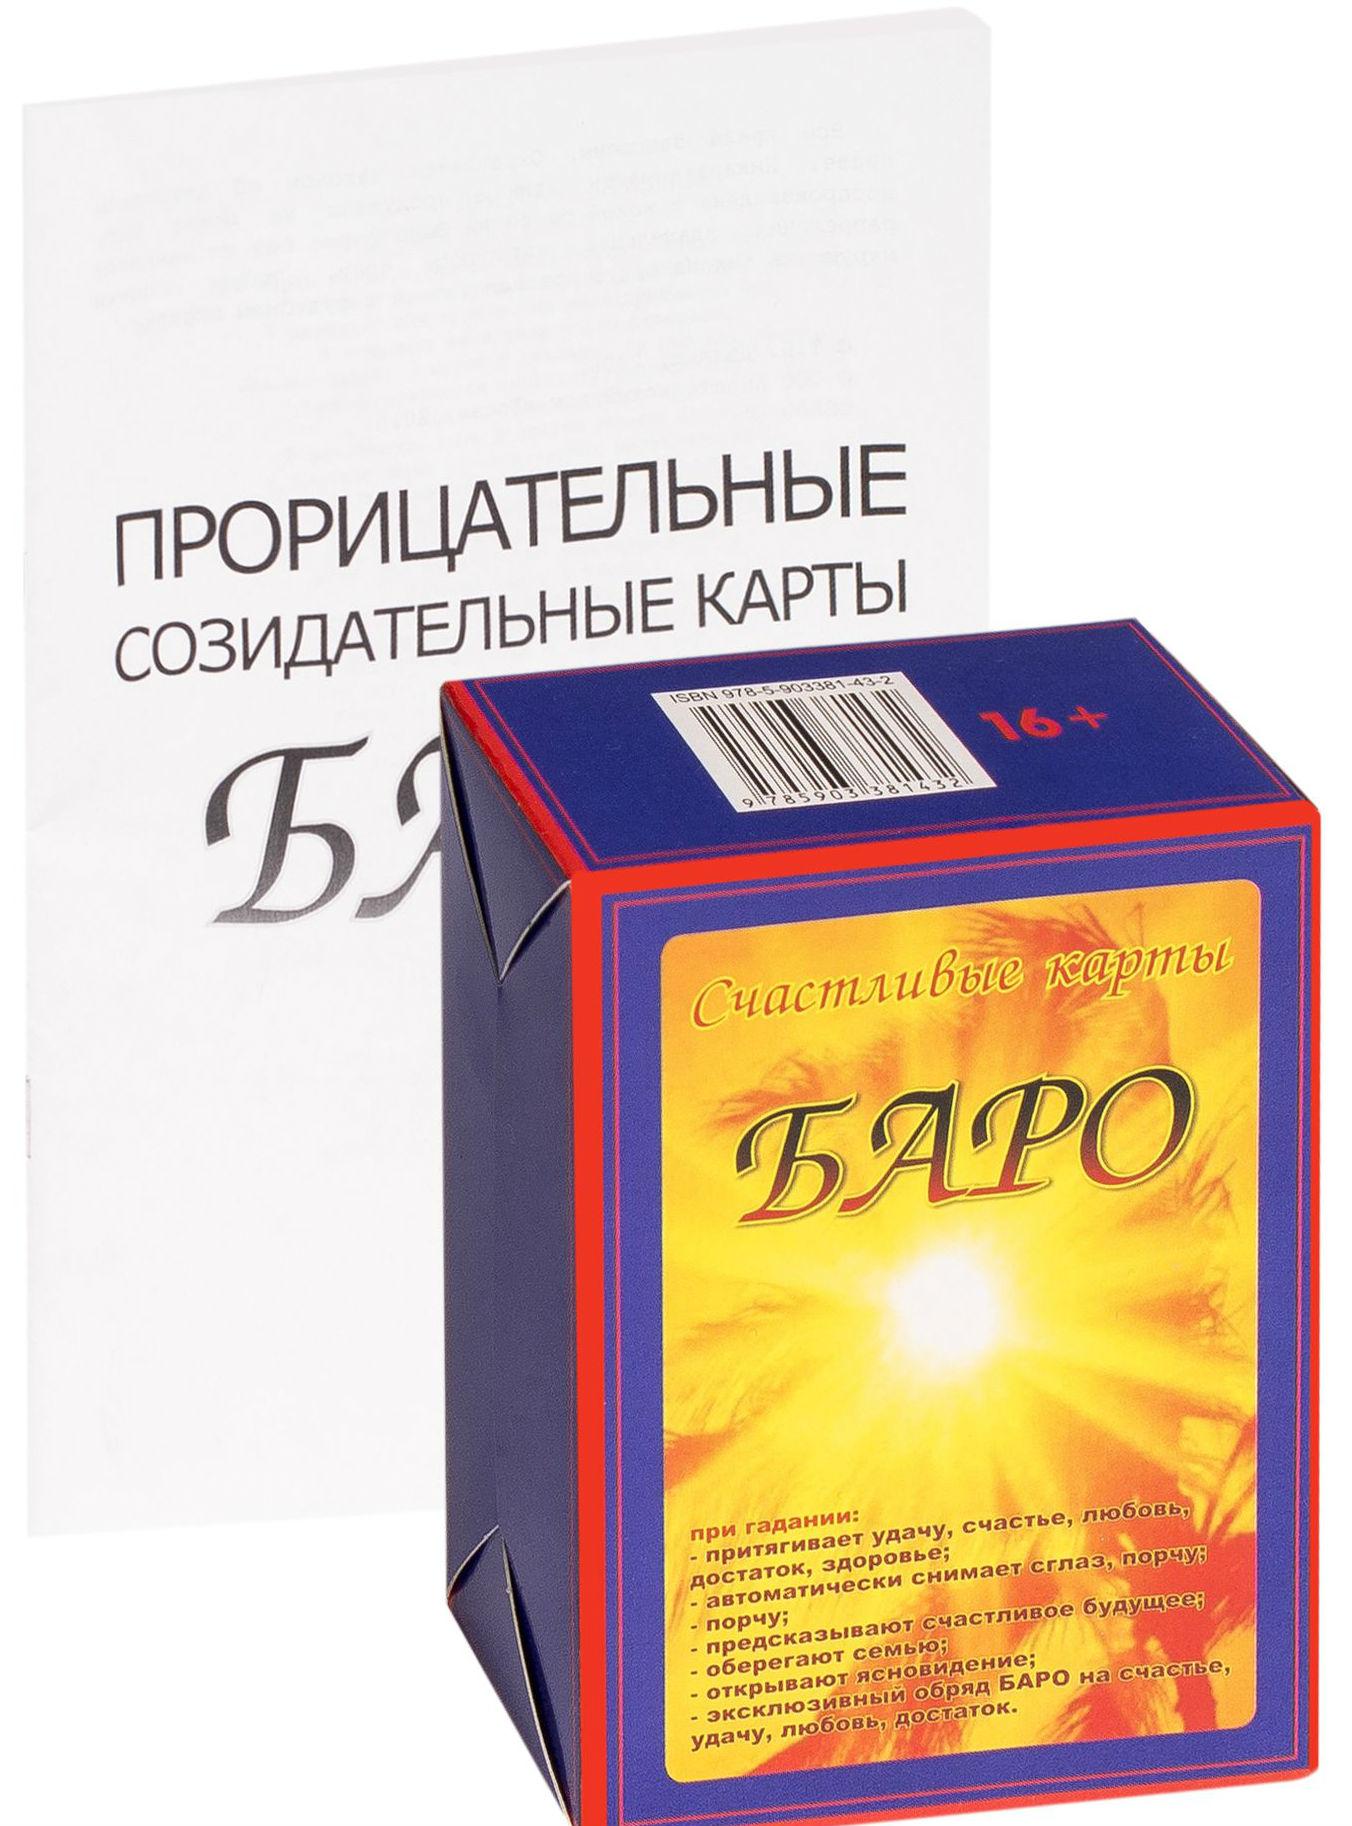 Купить Счастливые карты Баро (набор из 76 карт), Т. Дзекиш, 978-5-903381-43-2